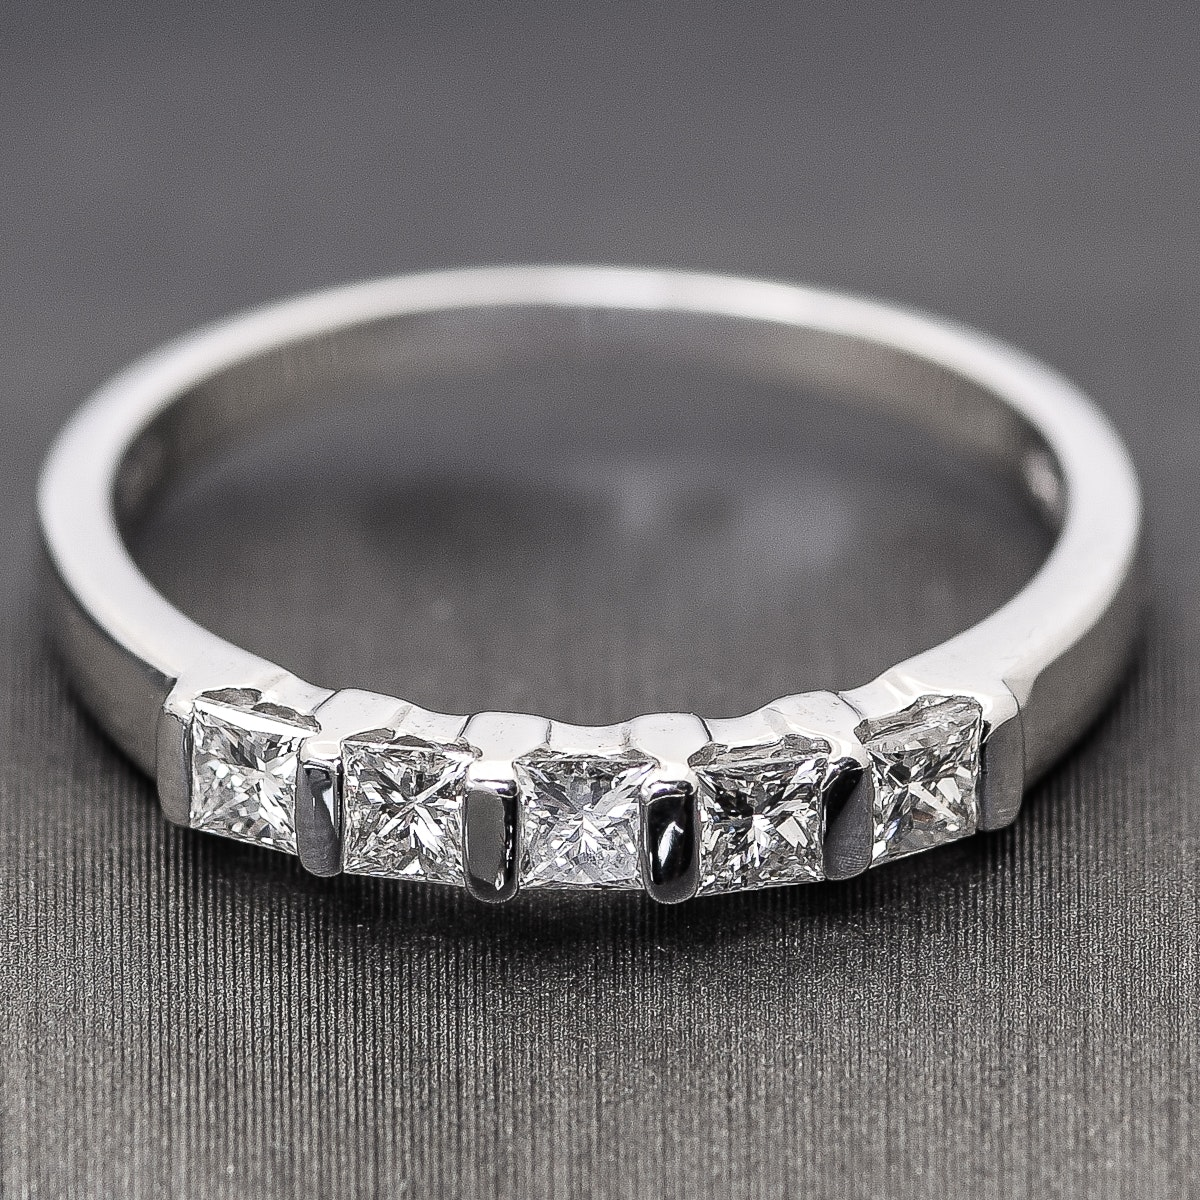 18K White Gold and Five Stone Princess Cut Diamond Band